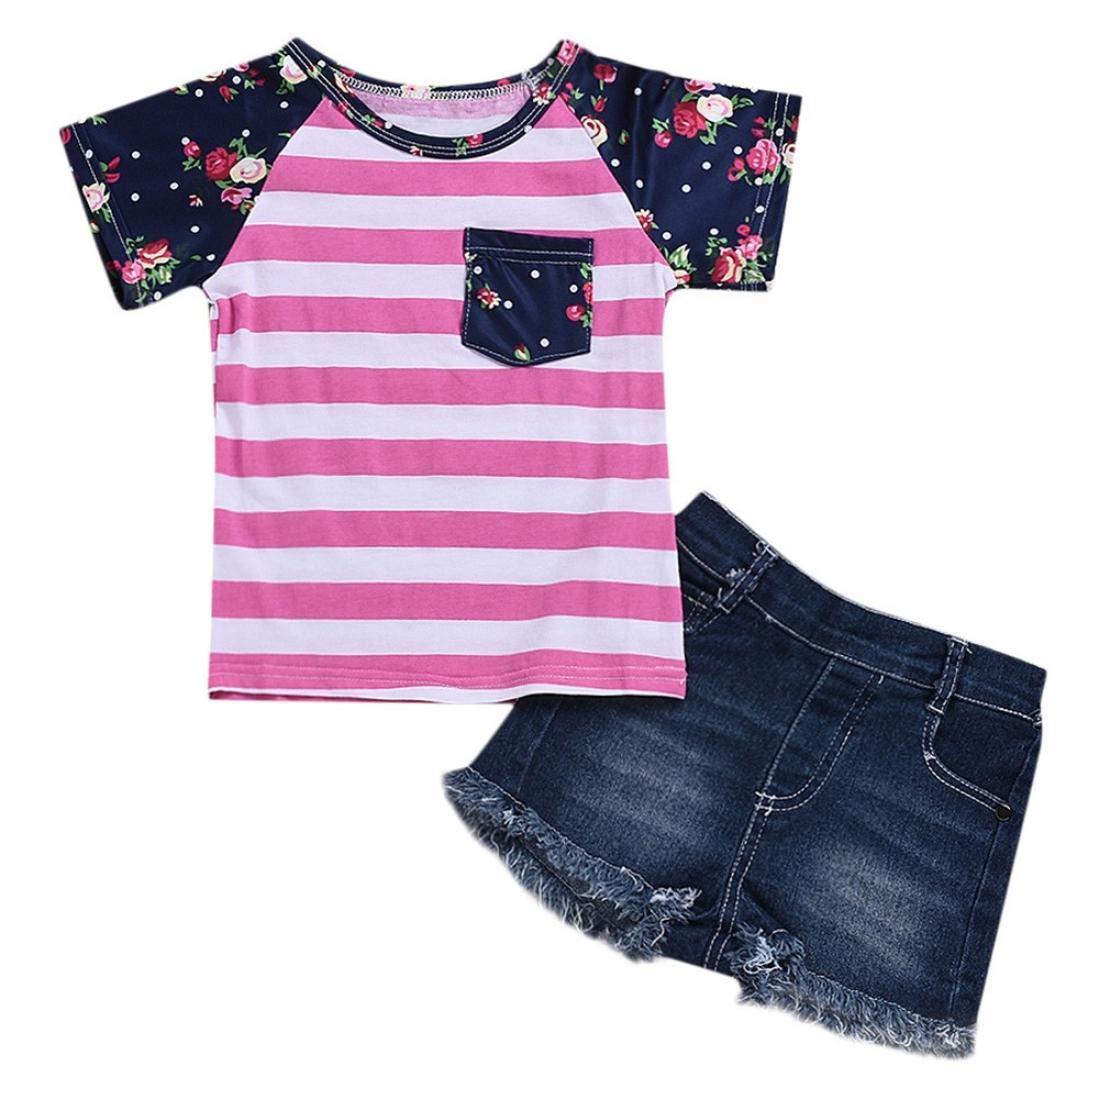 Little Girl Summer Floral Sets,Jchen(TM) Toddler Infant Kids Little Girls Floral Short Sleeve Tops Denim Shorts Outfits 0-4 Y (Age: 3-4 Years Old)